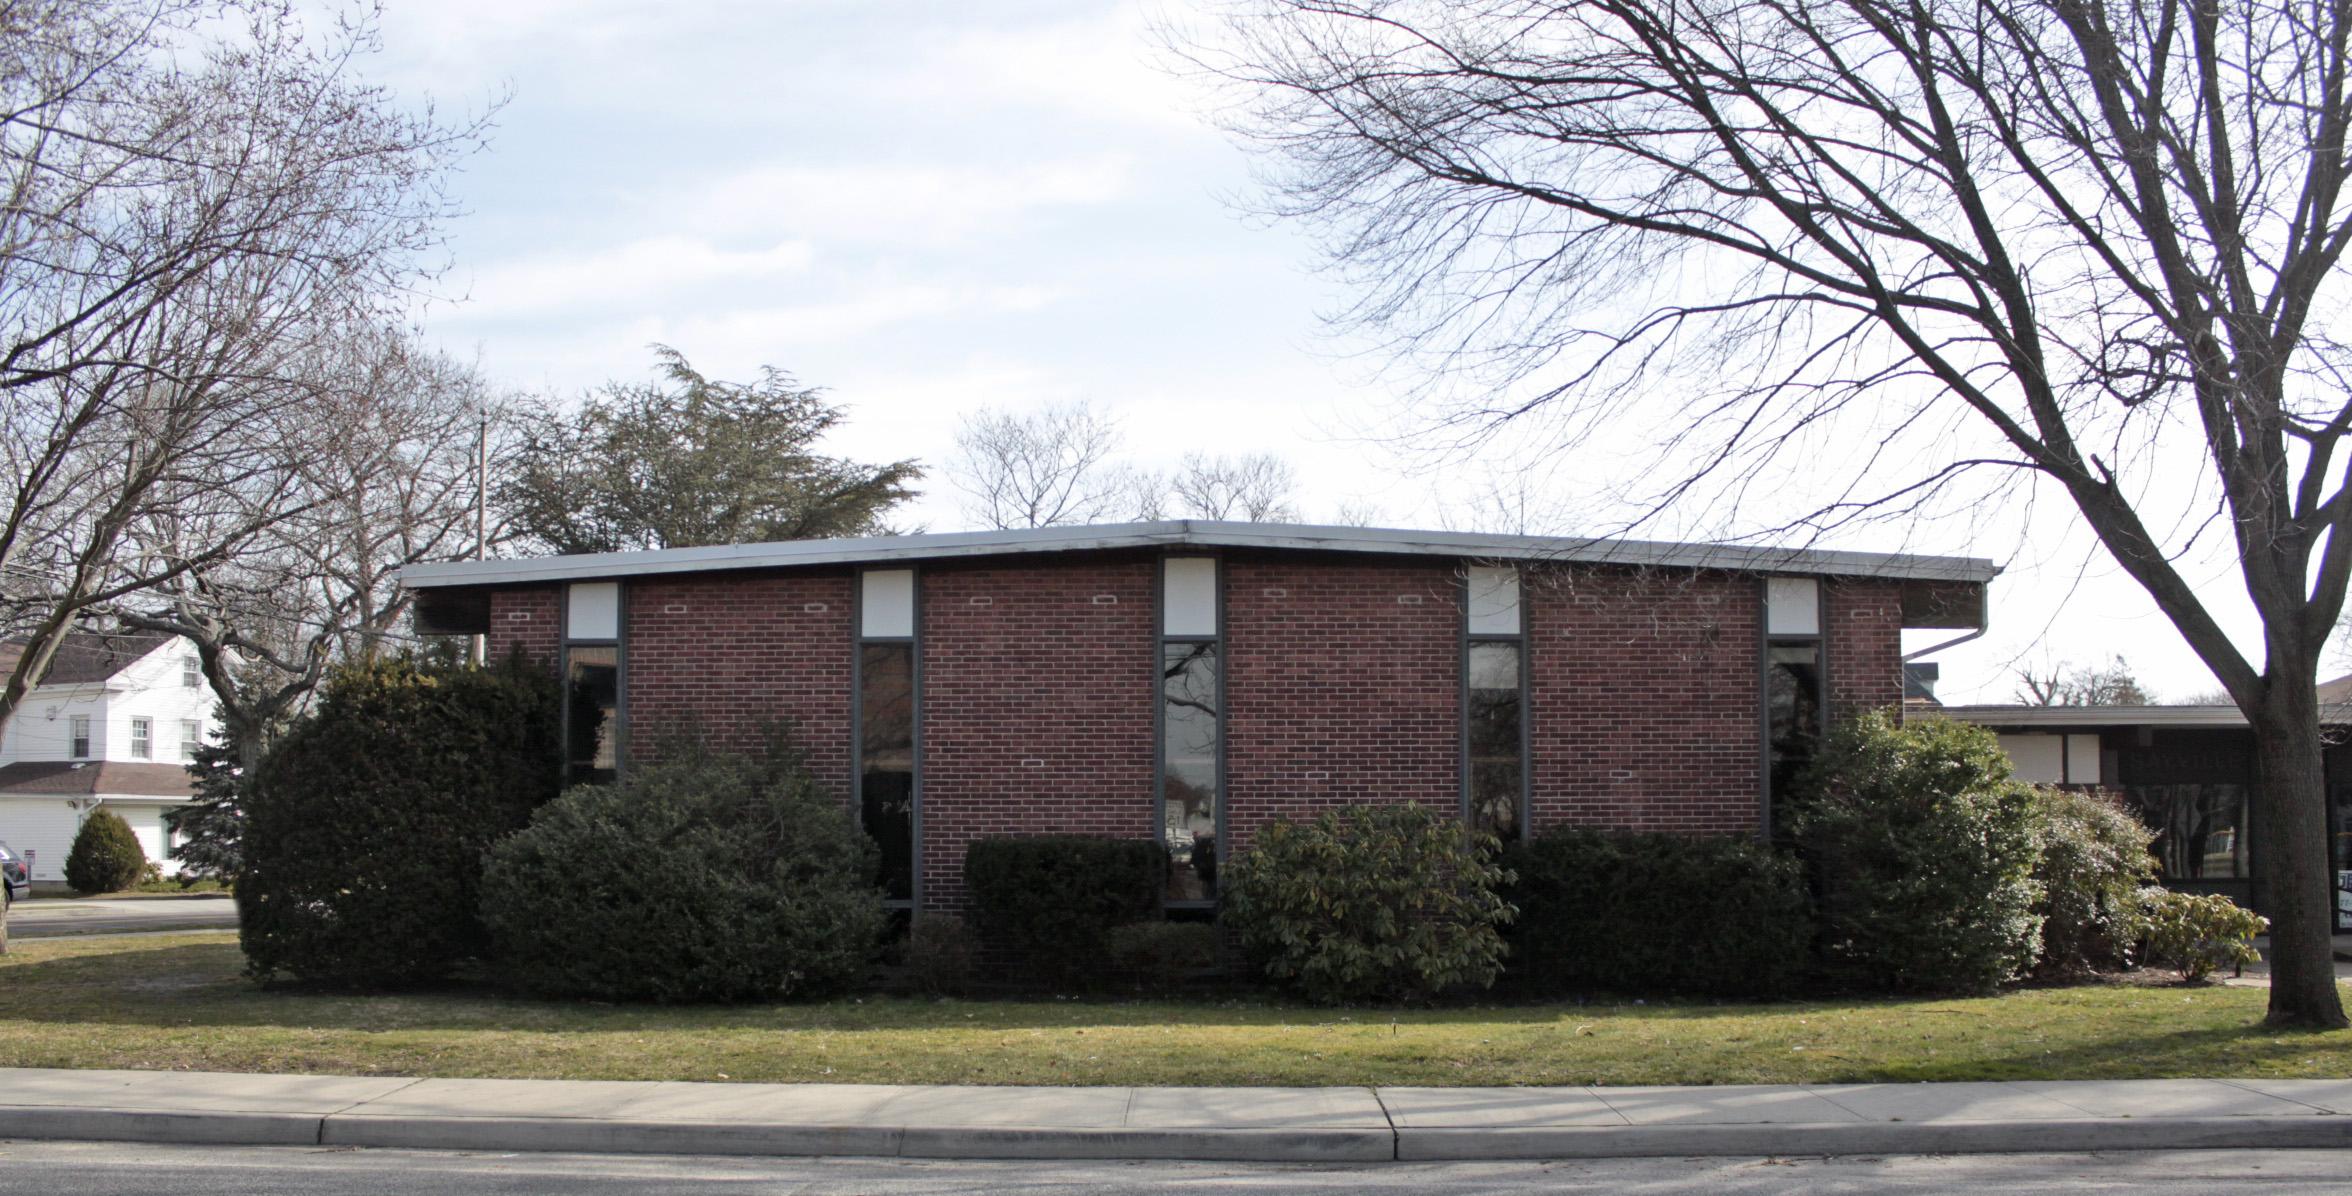 UUGSB building